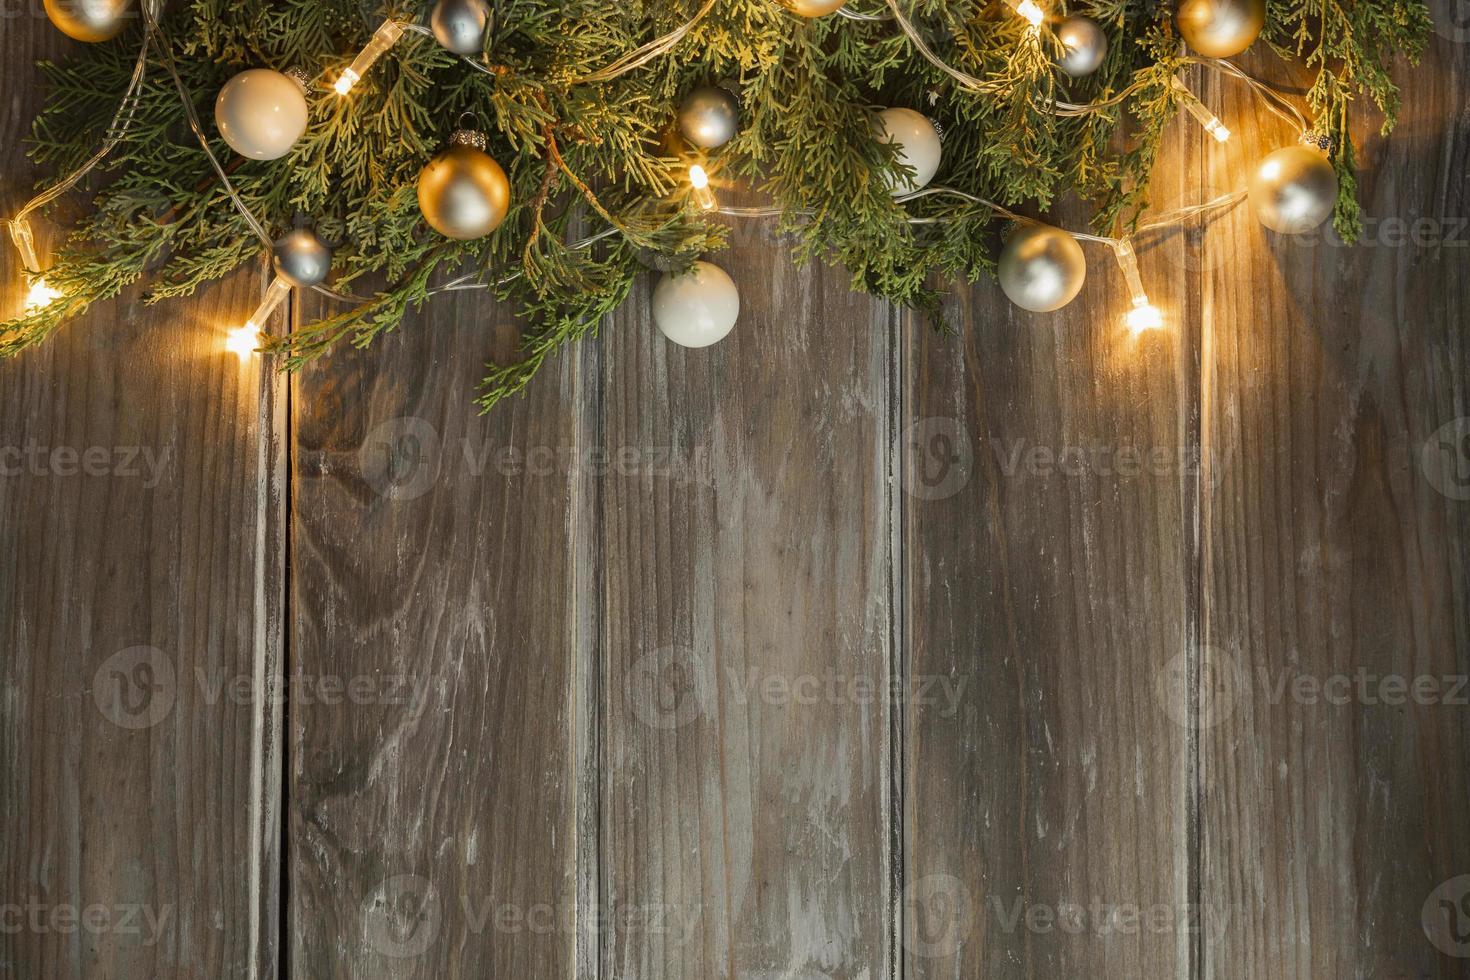 plat lag frame met kerstboom verlichte lichten op houten achtergrond foto